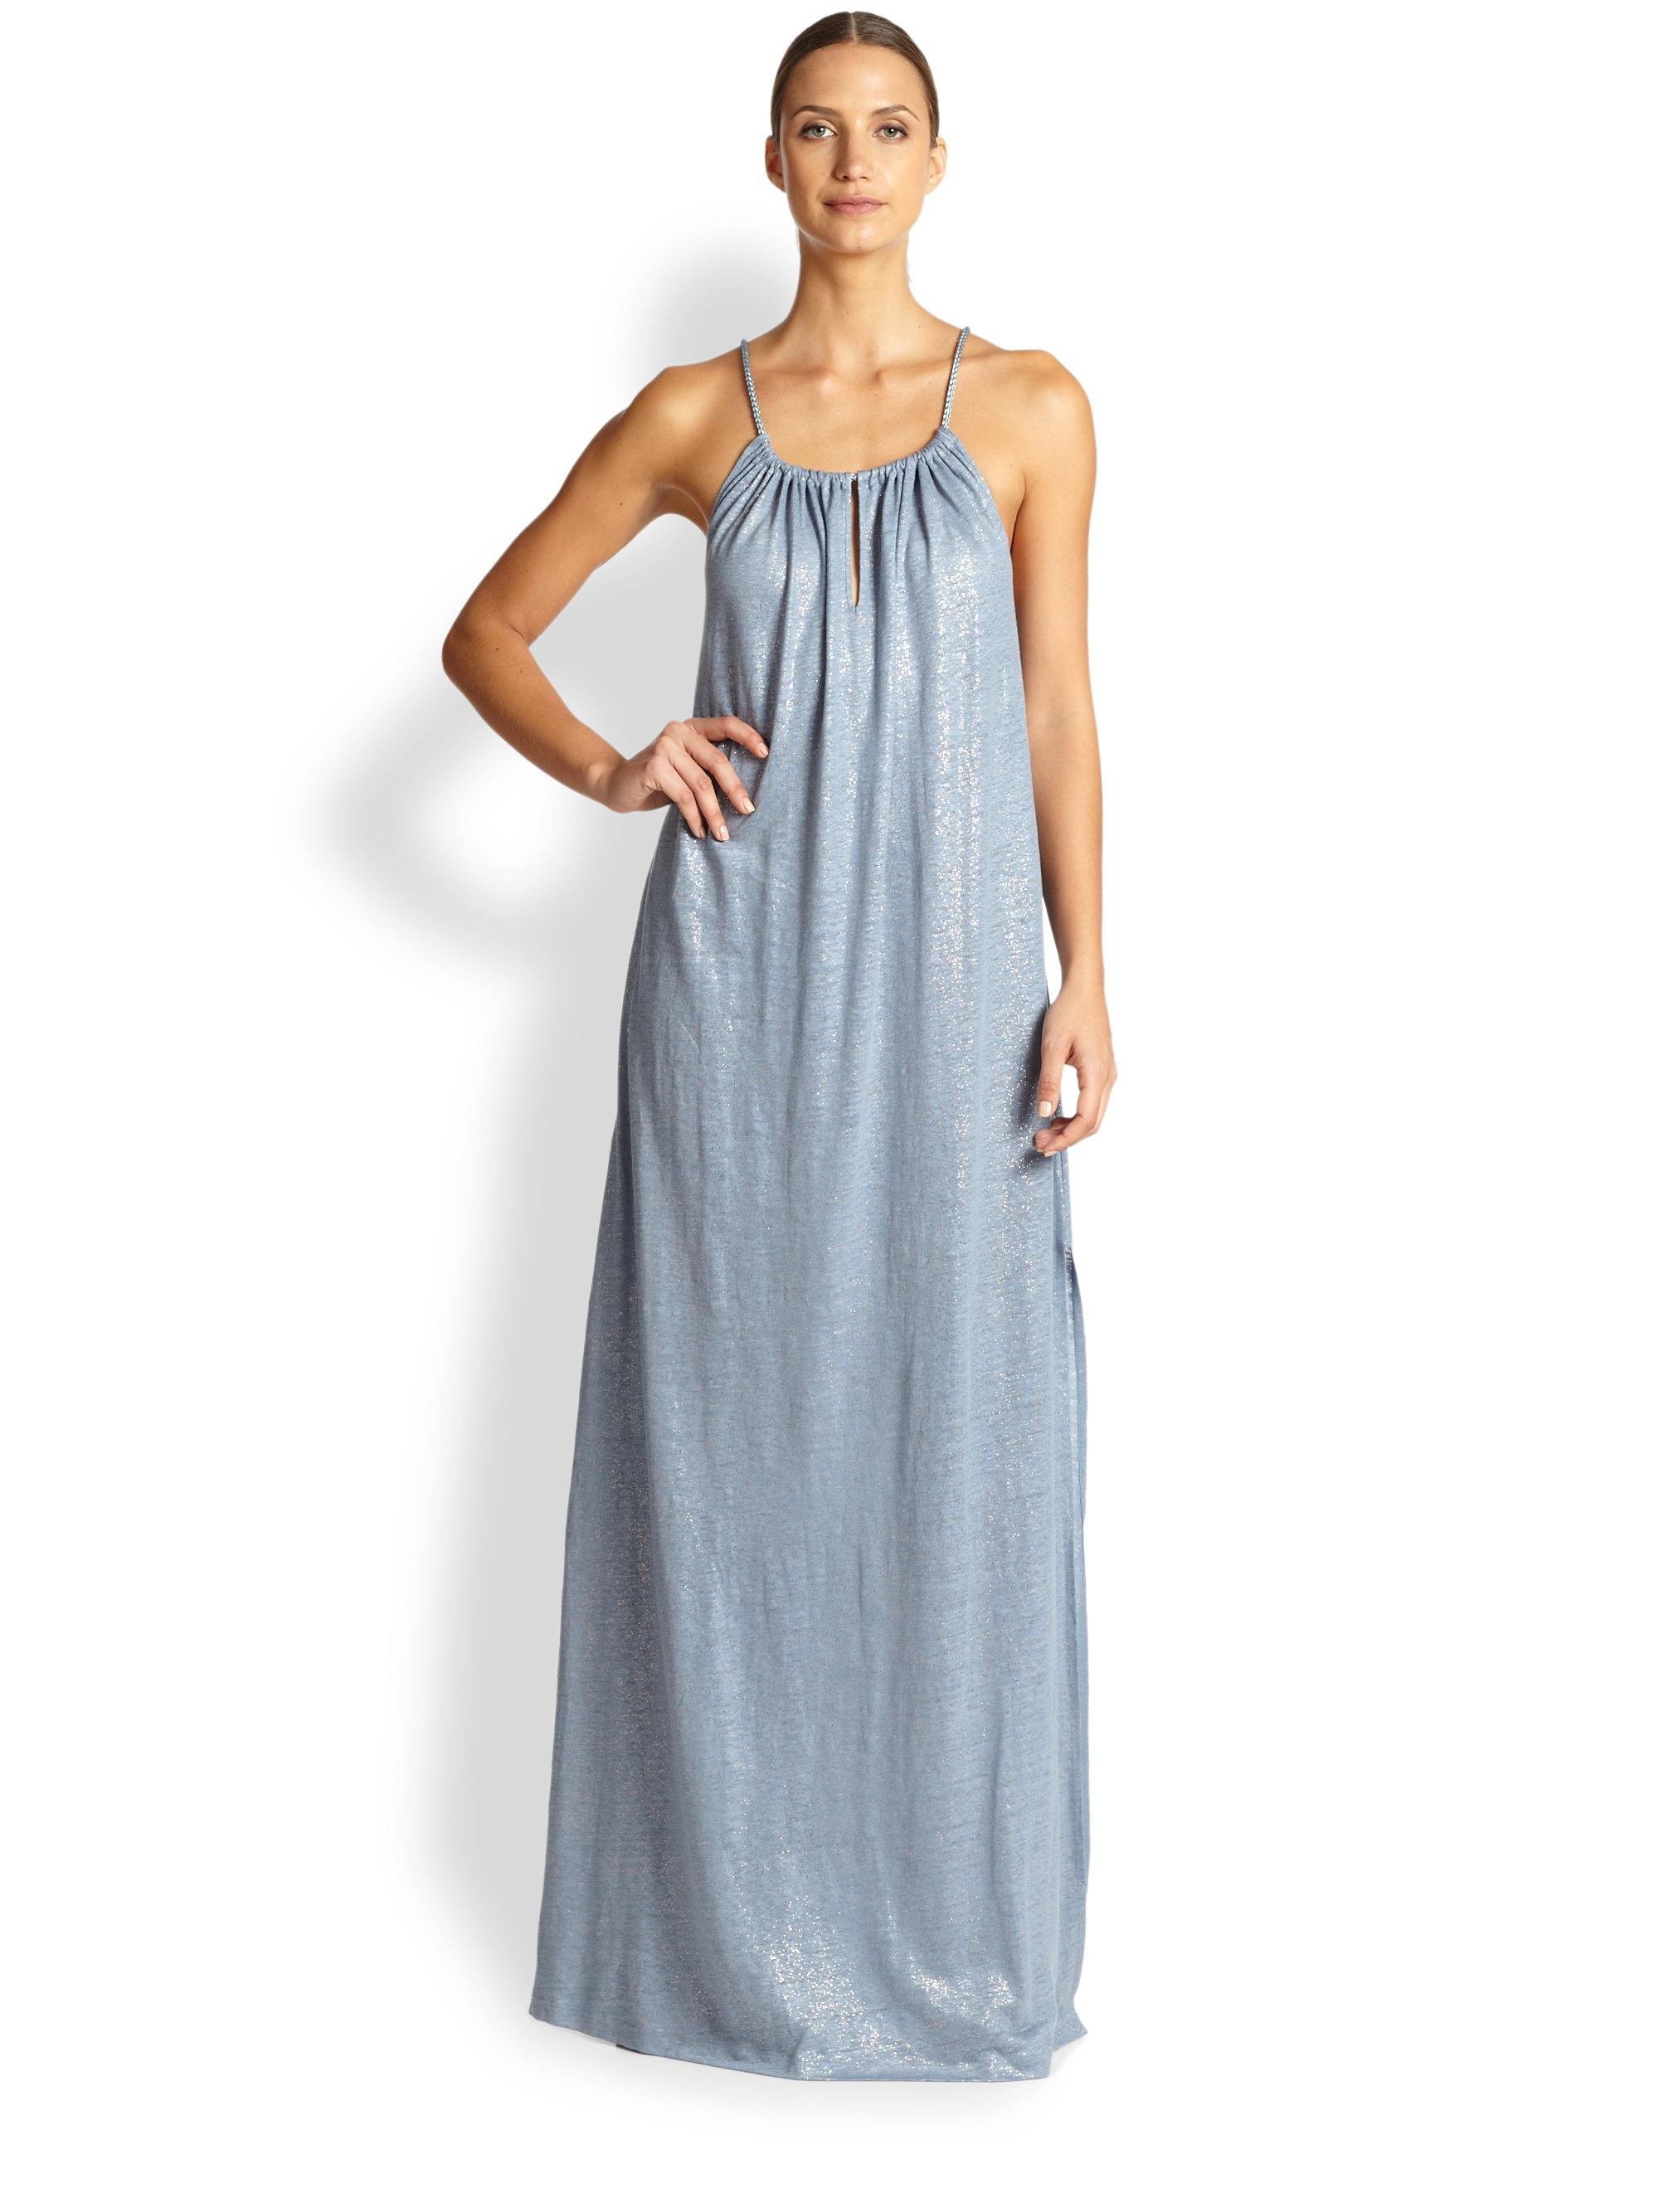 Lazul Metallic-detailed Linen Maxi Dress in Blue  Lyst